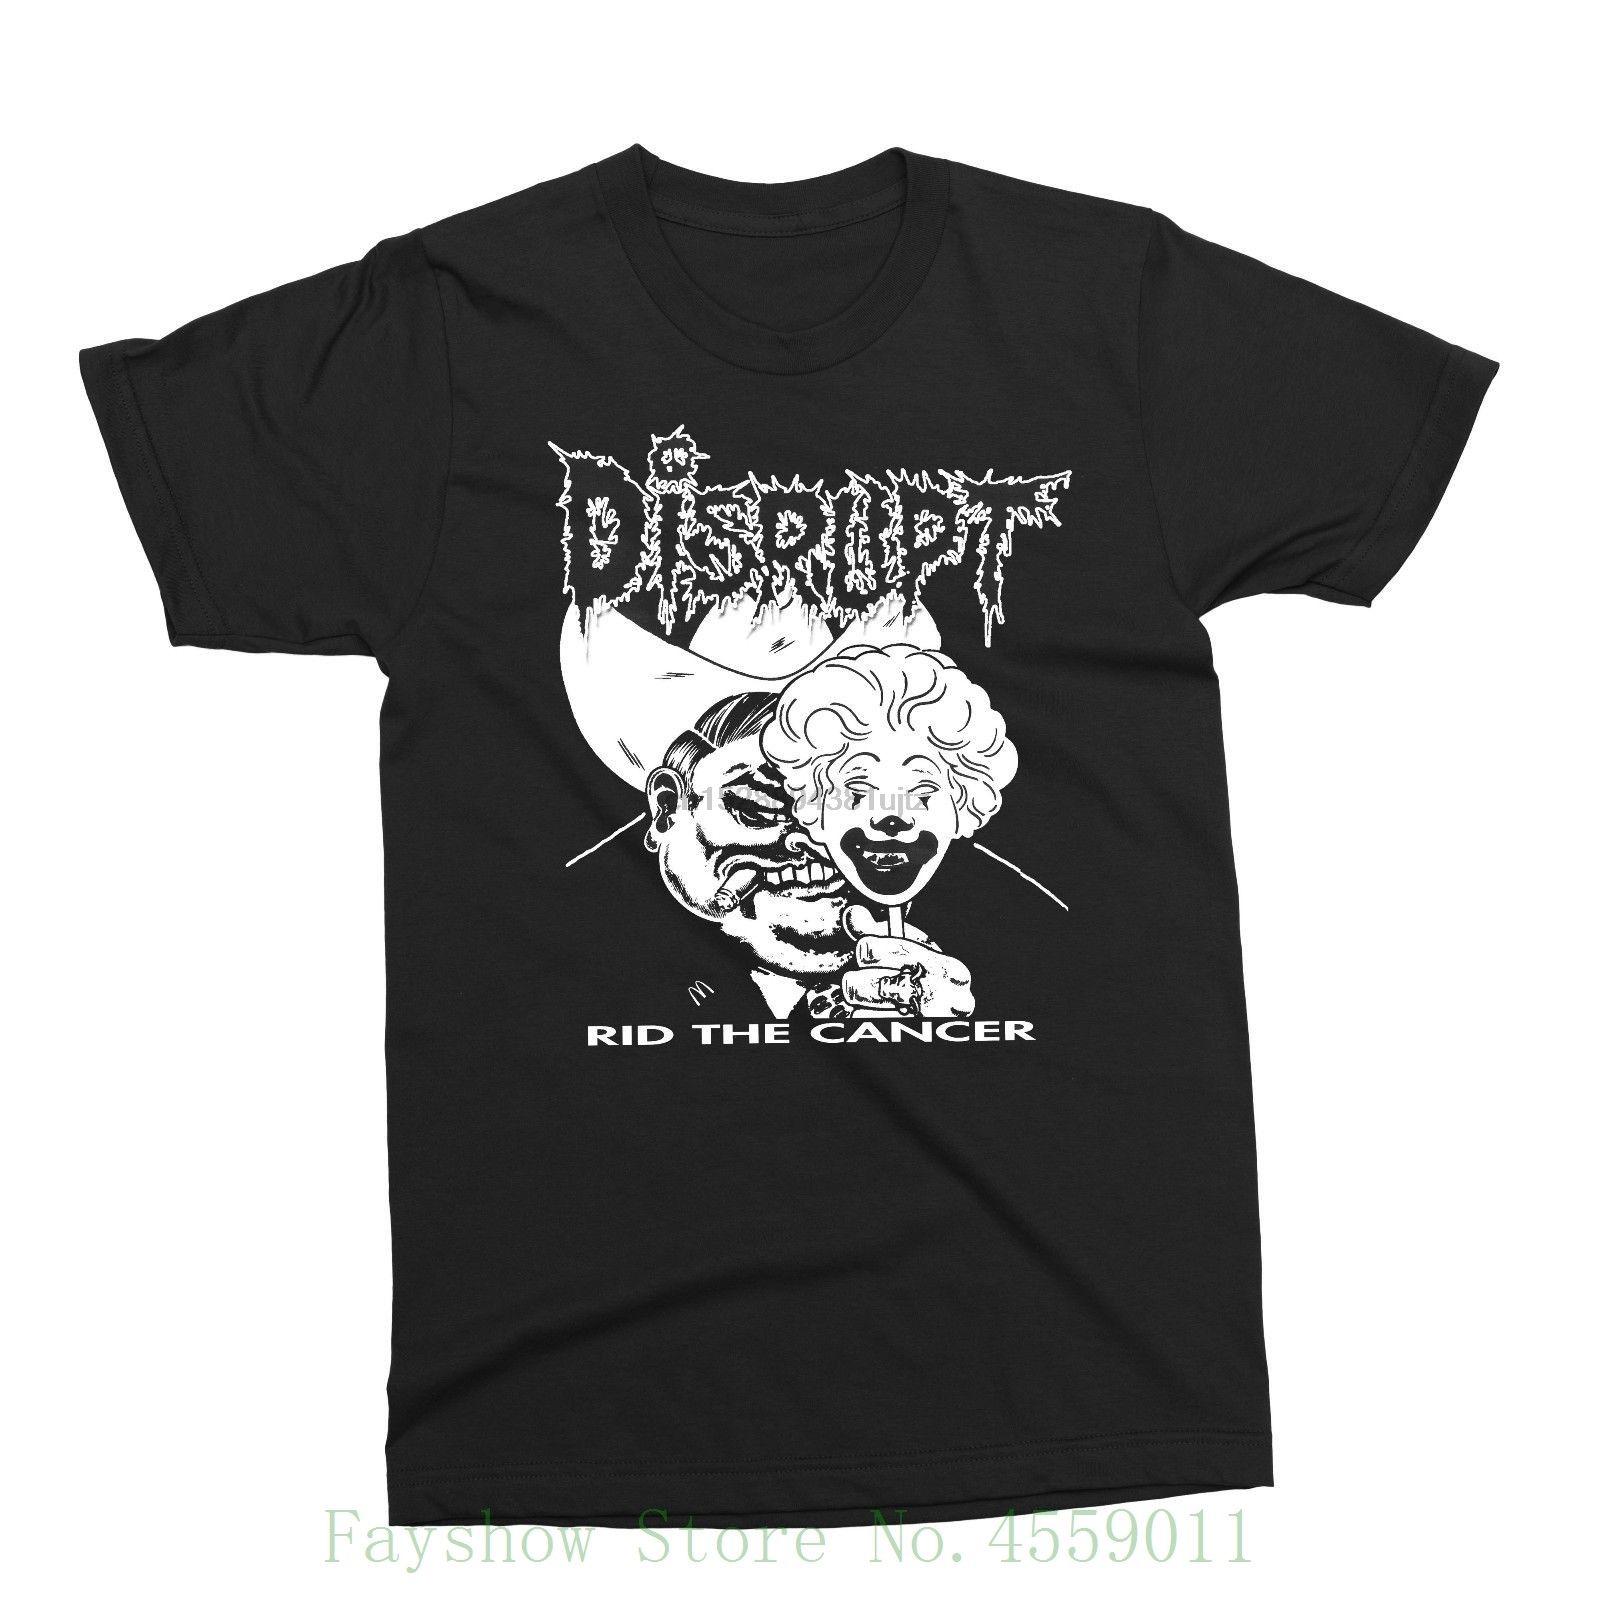 Perturber - Le cancer Rid - Punk Crust Grind Destroy Code 13 Skit système Phobie Nouveau 2018 Summer Fashion